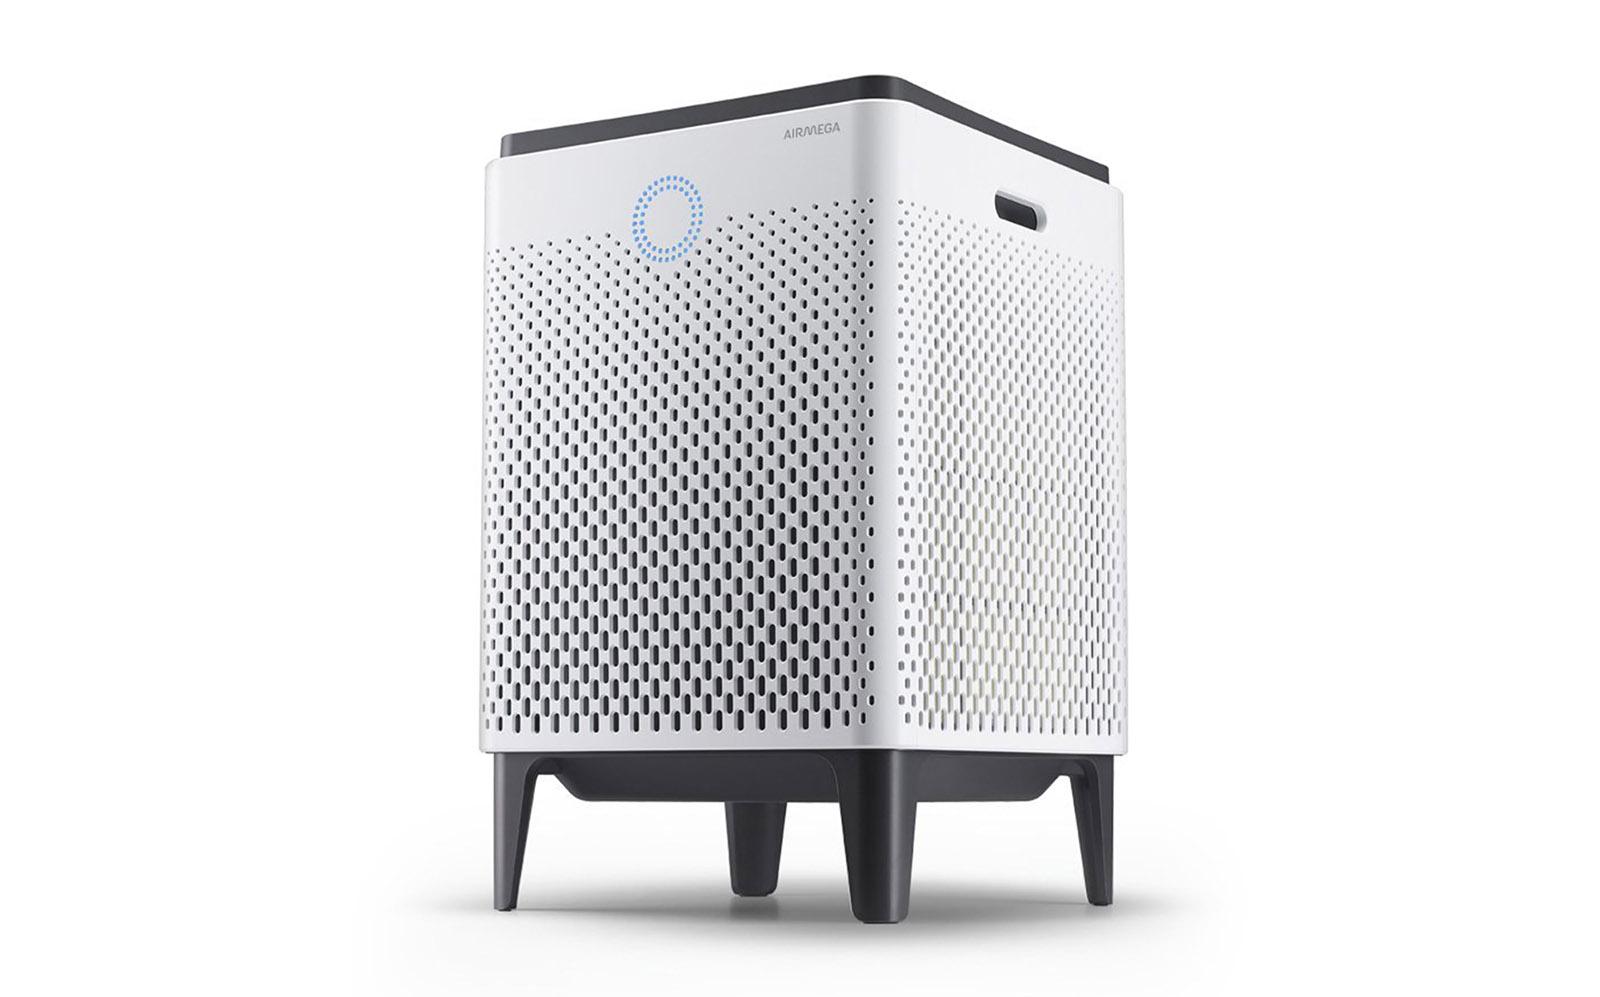 the wirecutter 39 s best deals save 30 on a google home smart speaker bundle. Black Bedroom Furniture Sets. Home Design Ideas